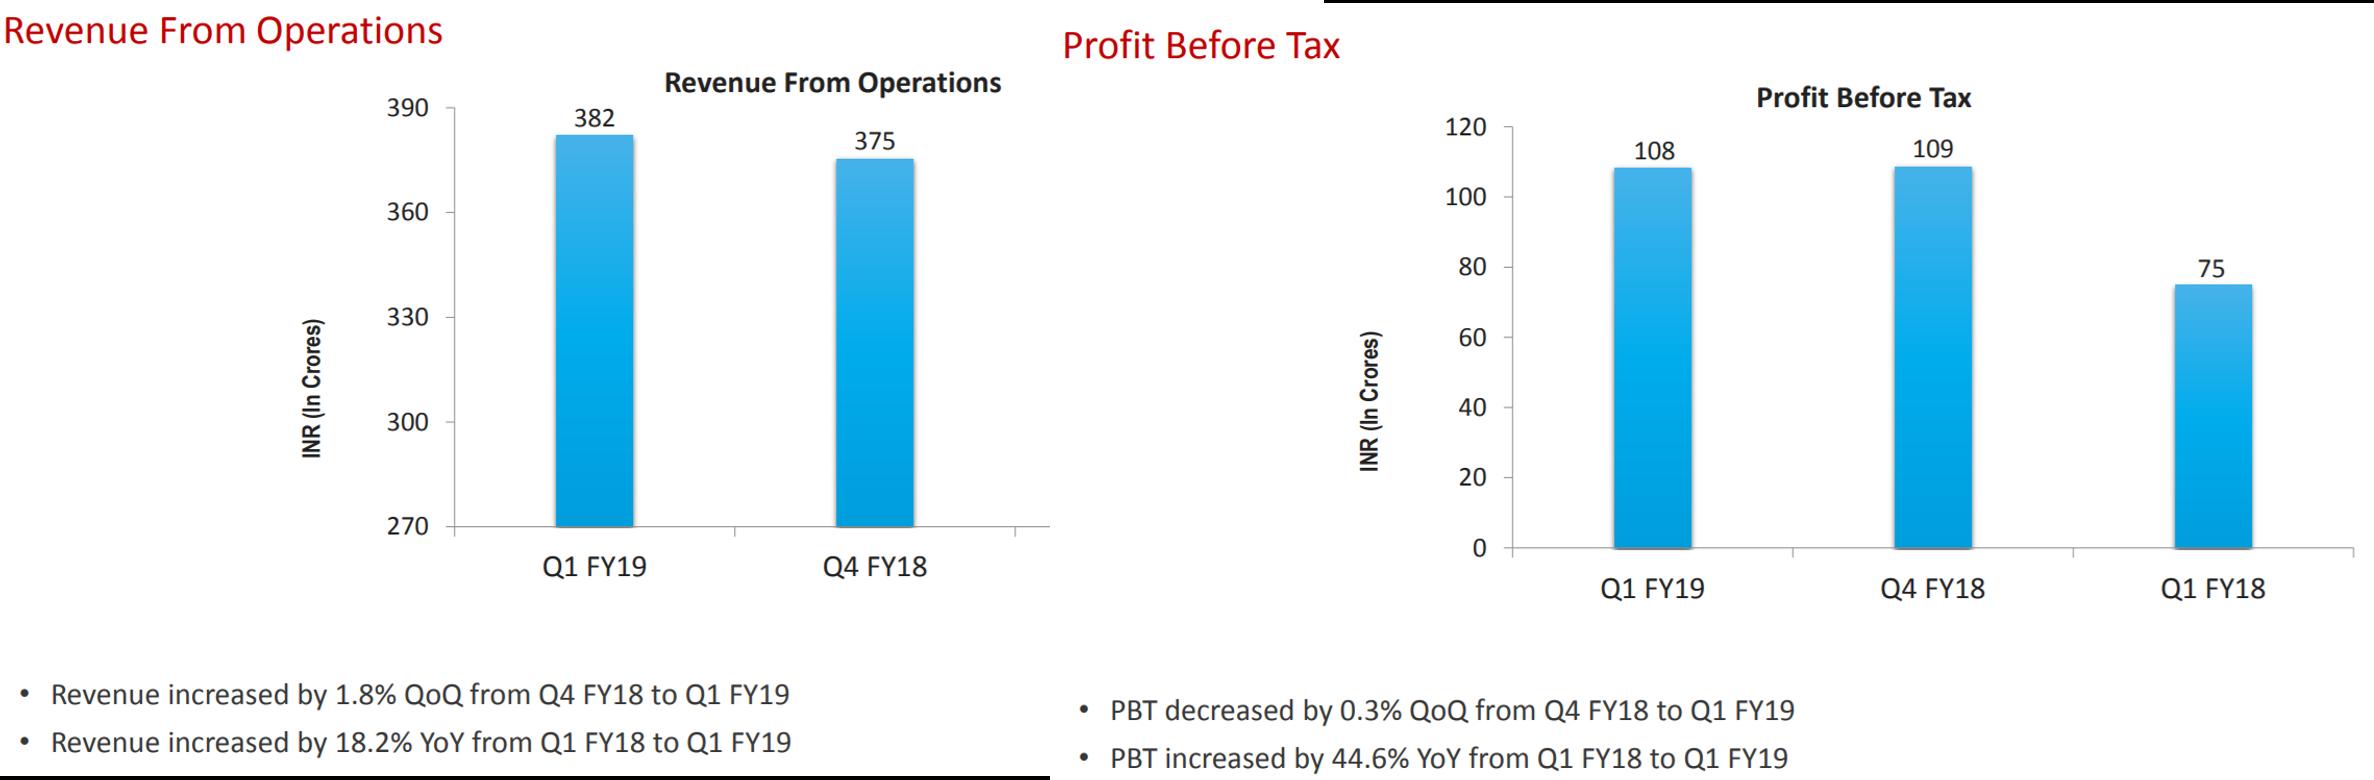 Tata Elxsi Q1FY19 Financials.png